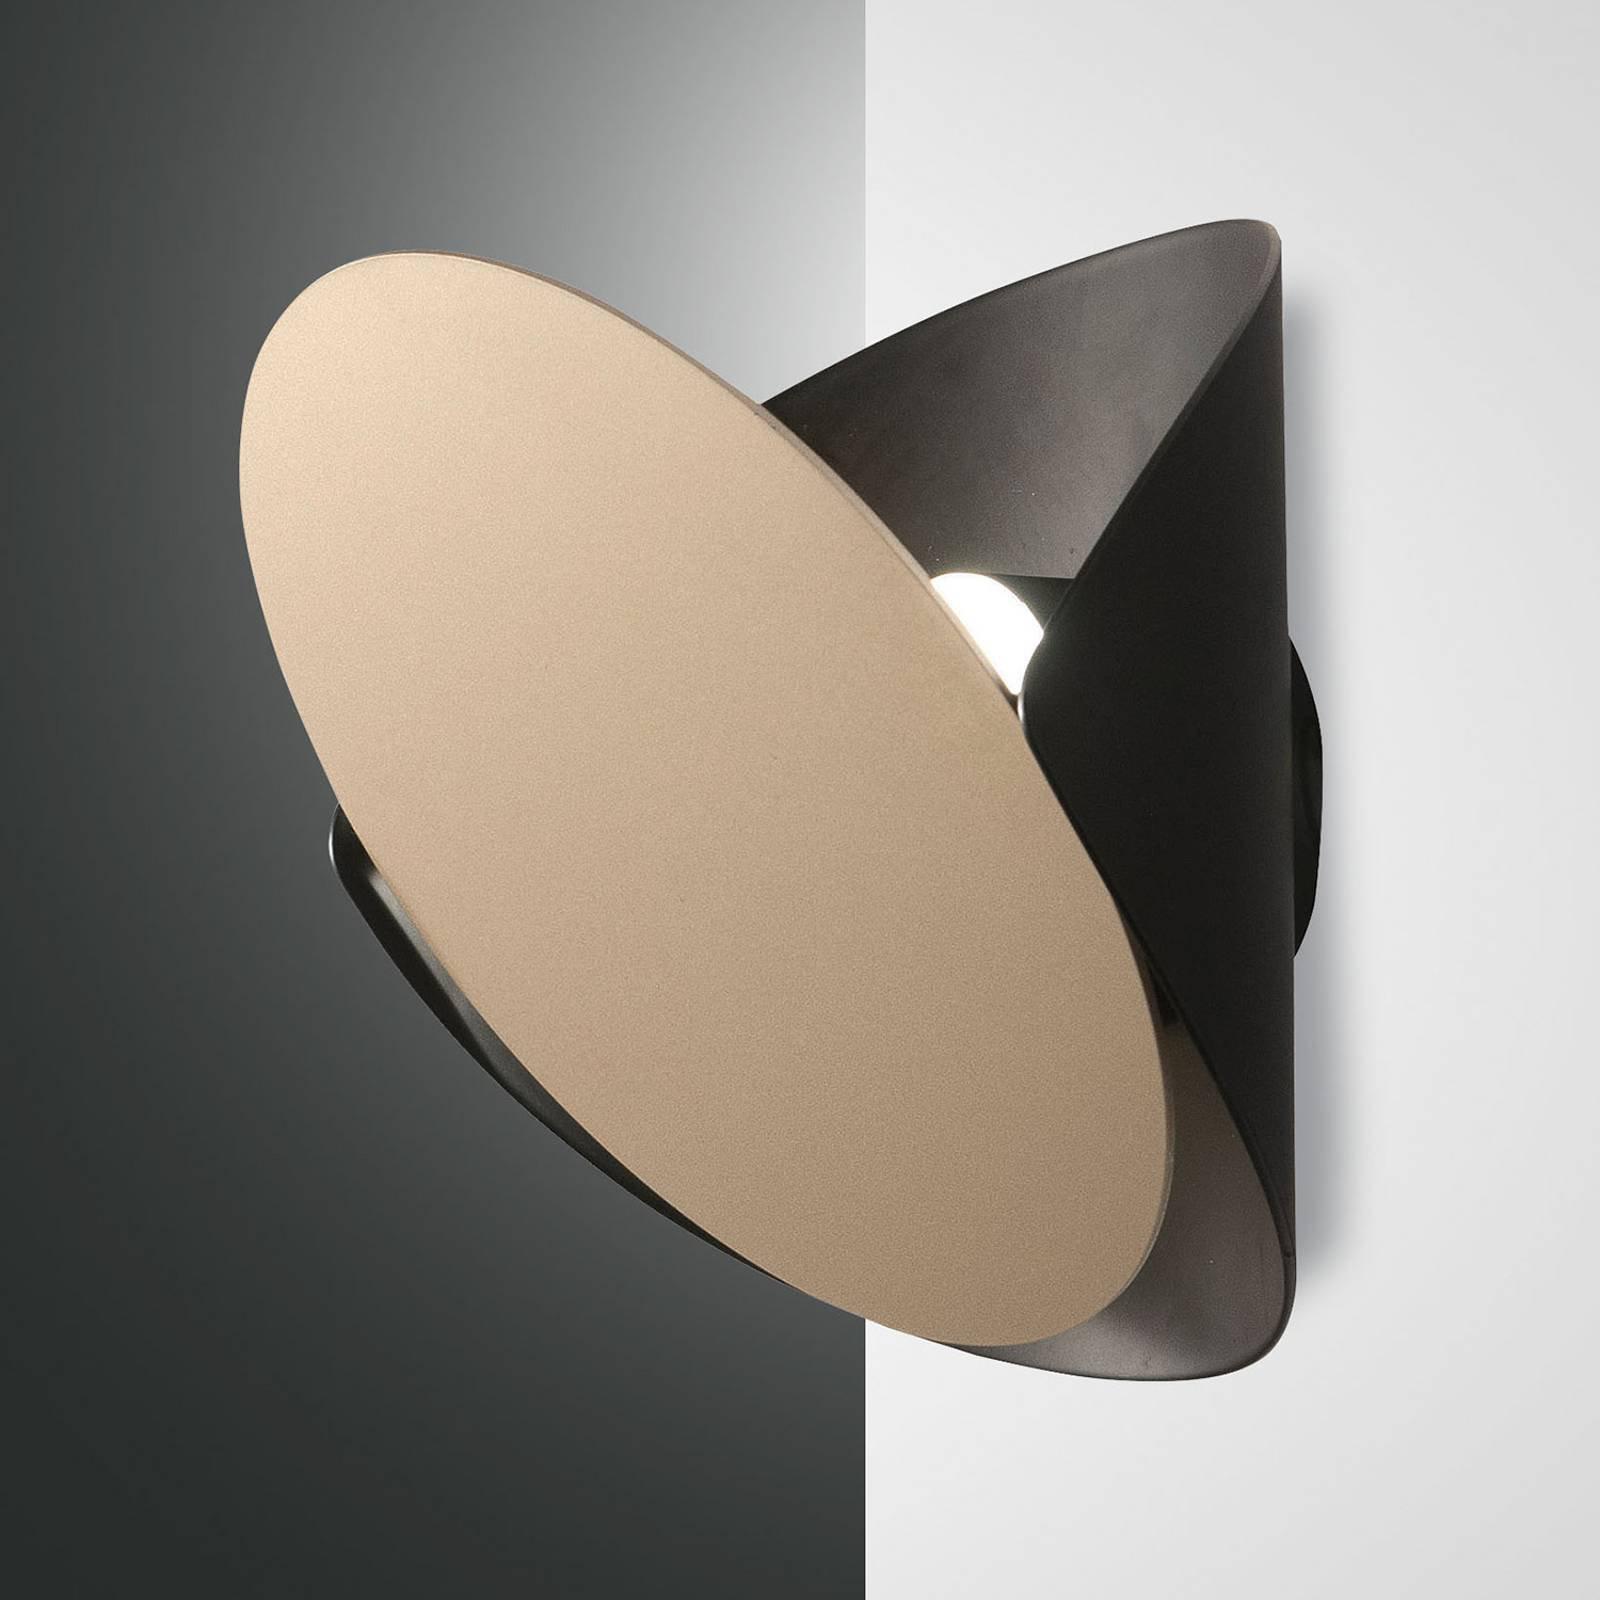 LED-vegglampe Shield, dimbart, svart og gull